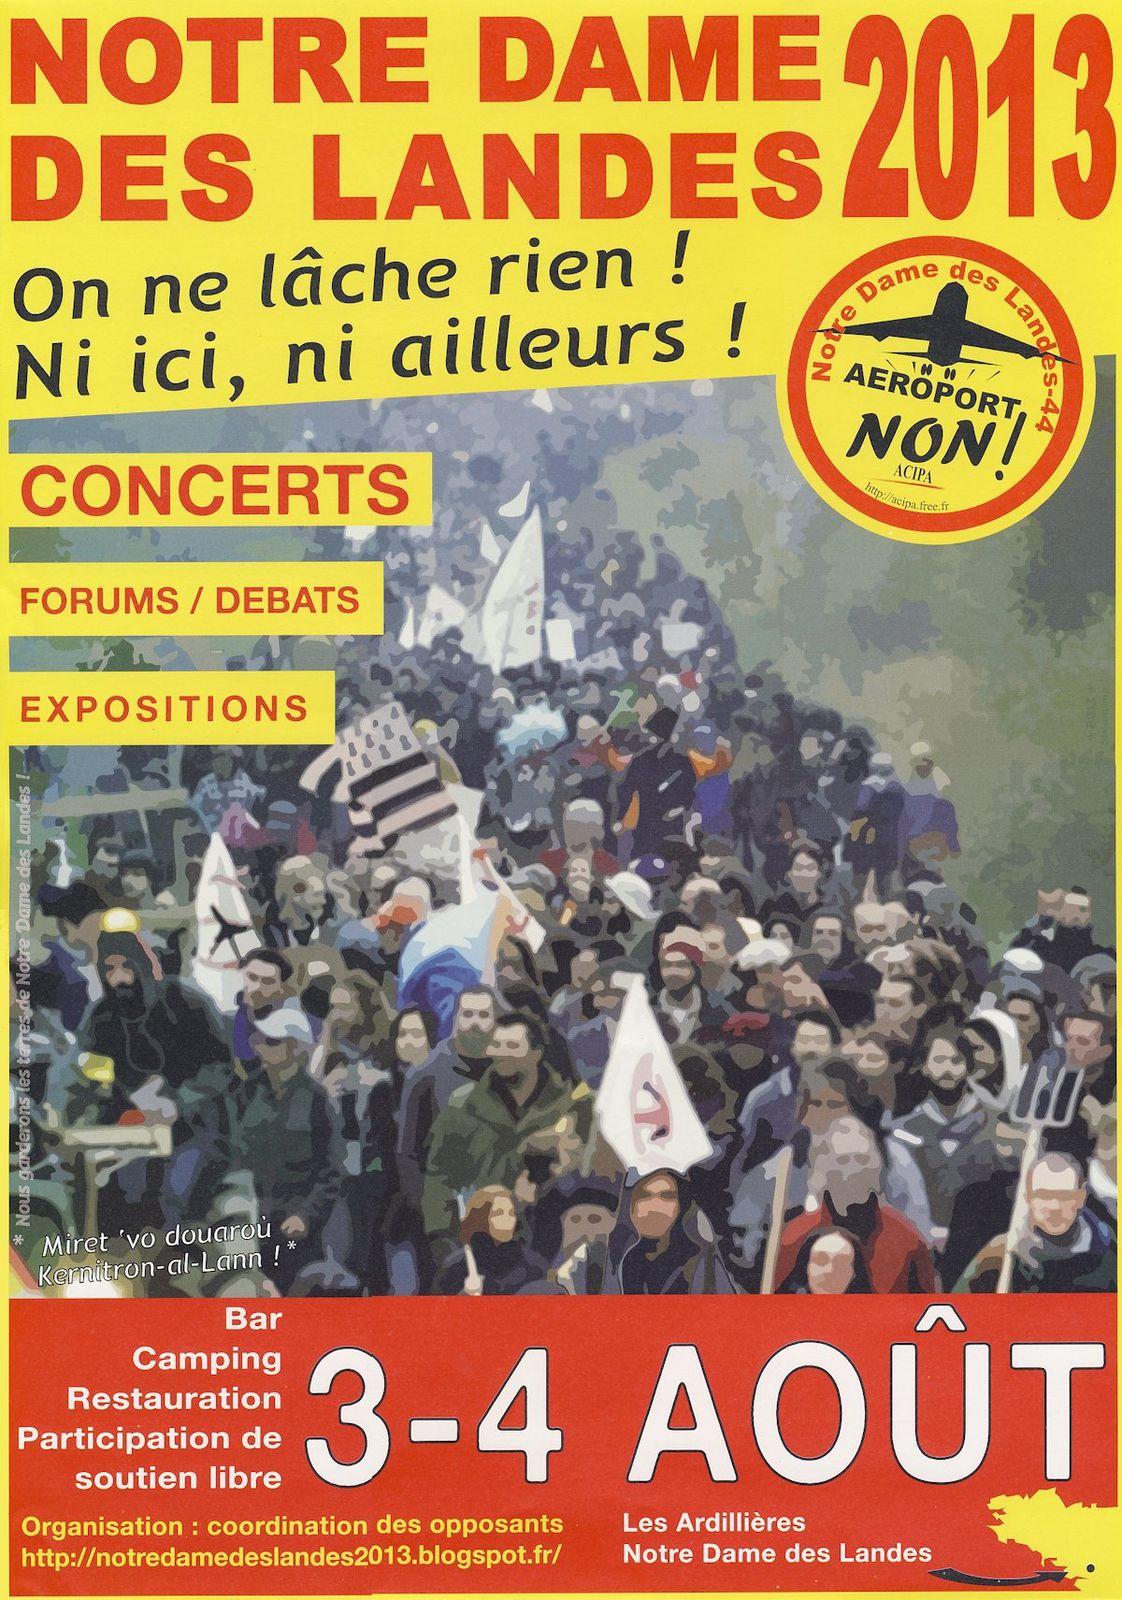 NDDL : Mise en ligne du site de l'évènement  Notre-Dame-des-Landes 2013 les 3 &amp&#x3B; 4 aout prochain